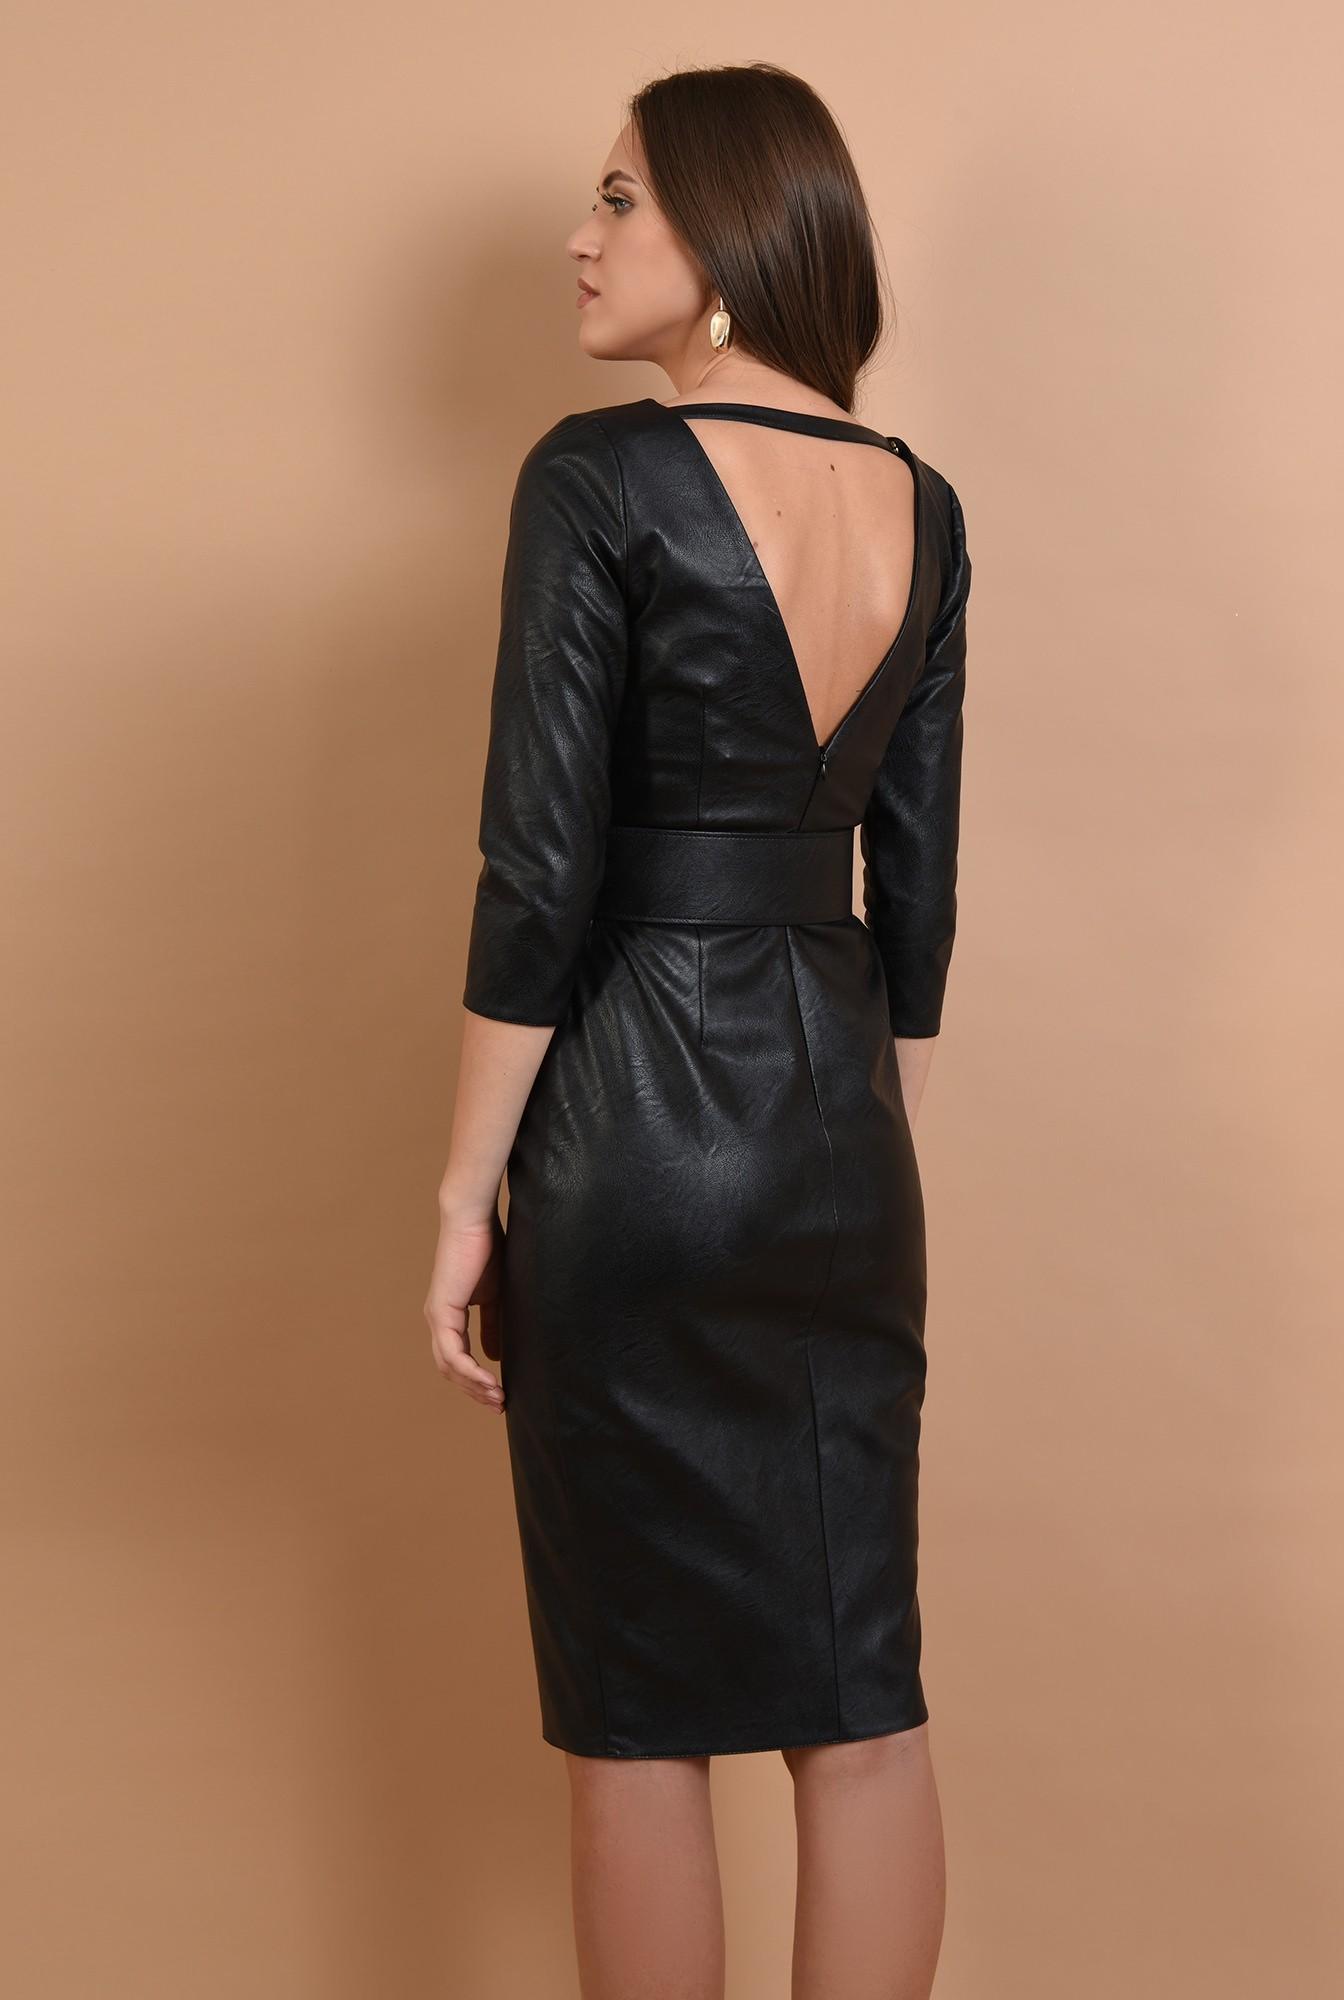 1 - rochie neagra, cambrata, cu centura, anchior, maneci ajustate